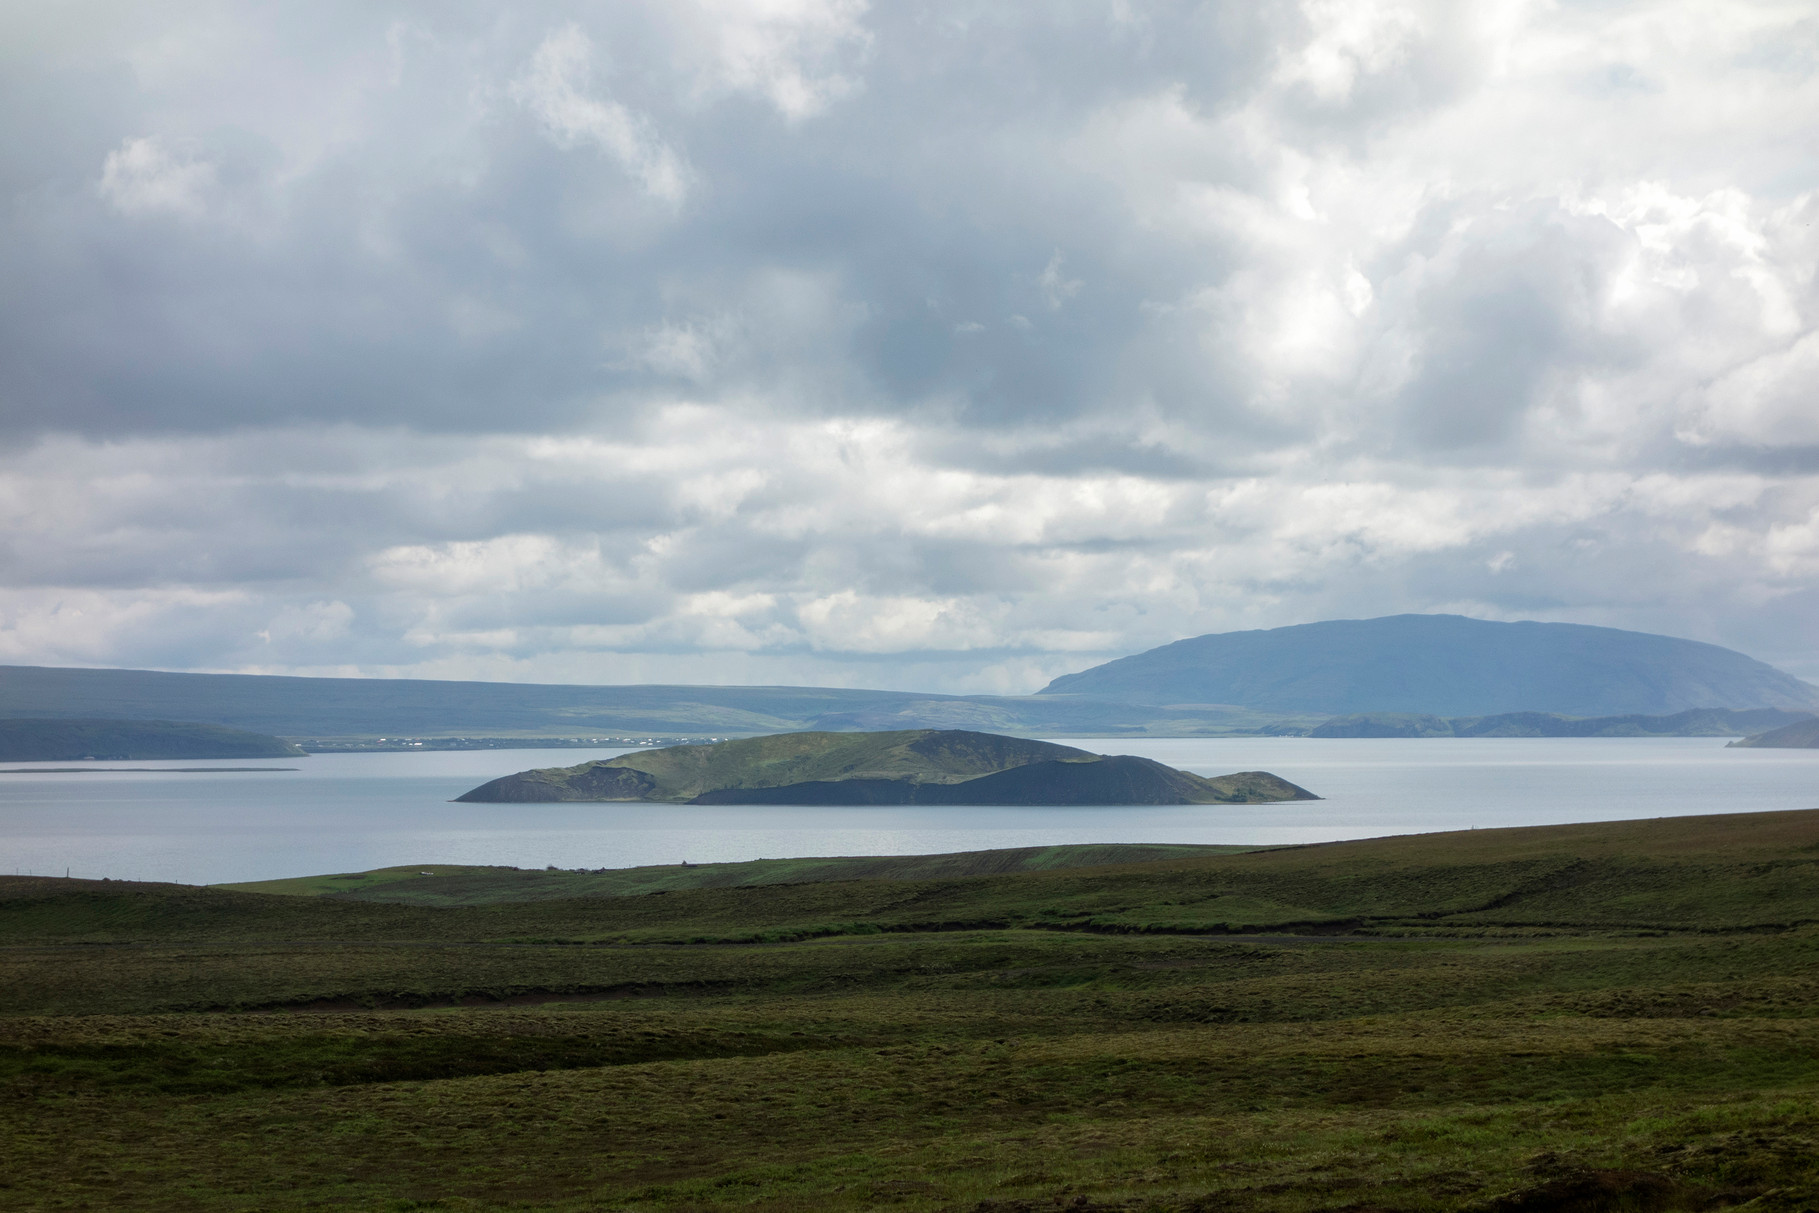 der Þingvallavatn (Thingvellir-See) mit der Insel Sandey